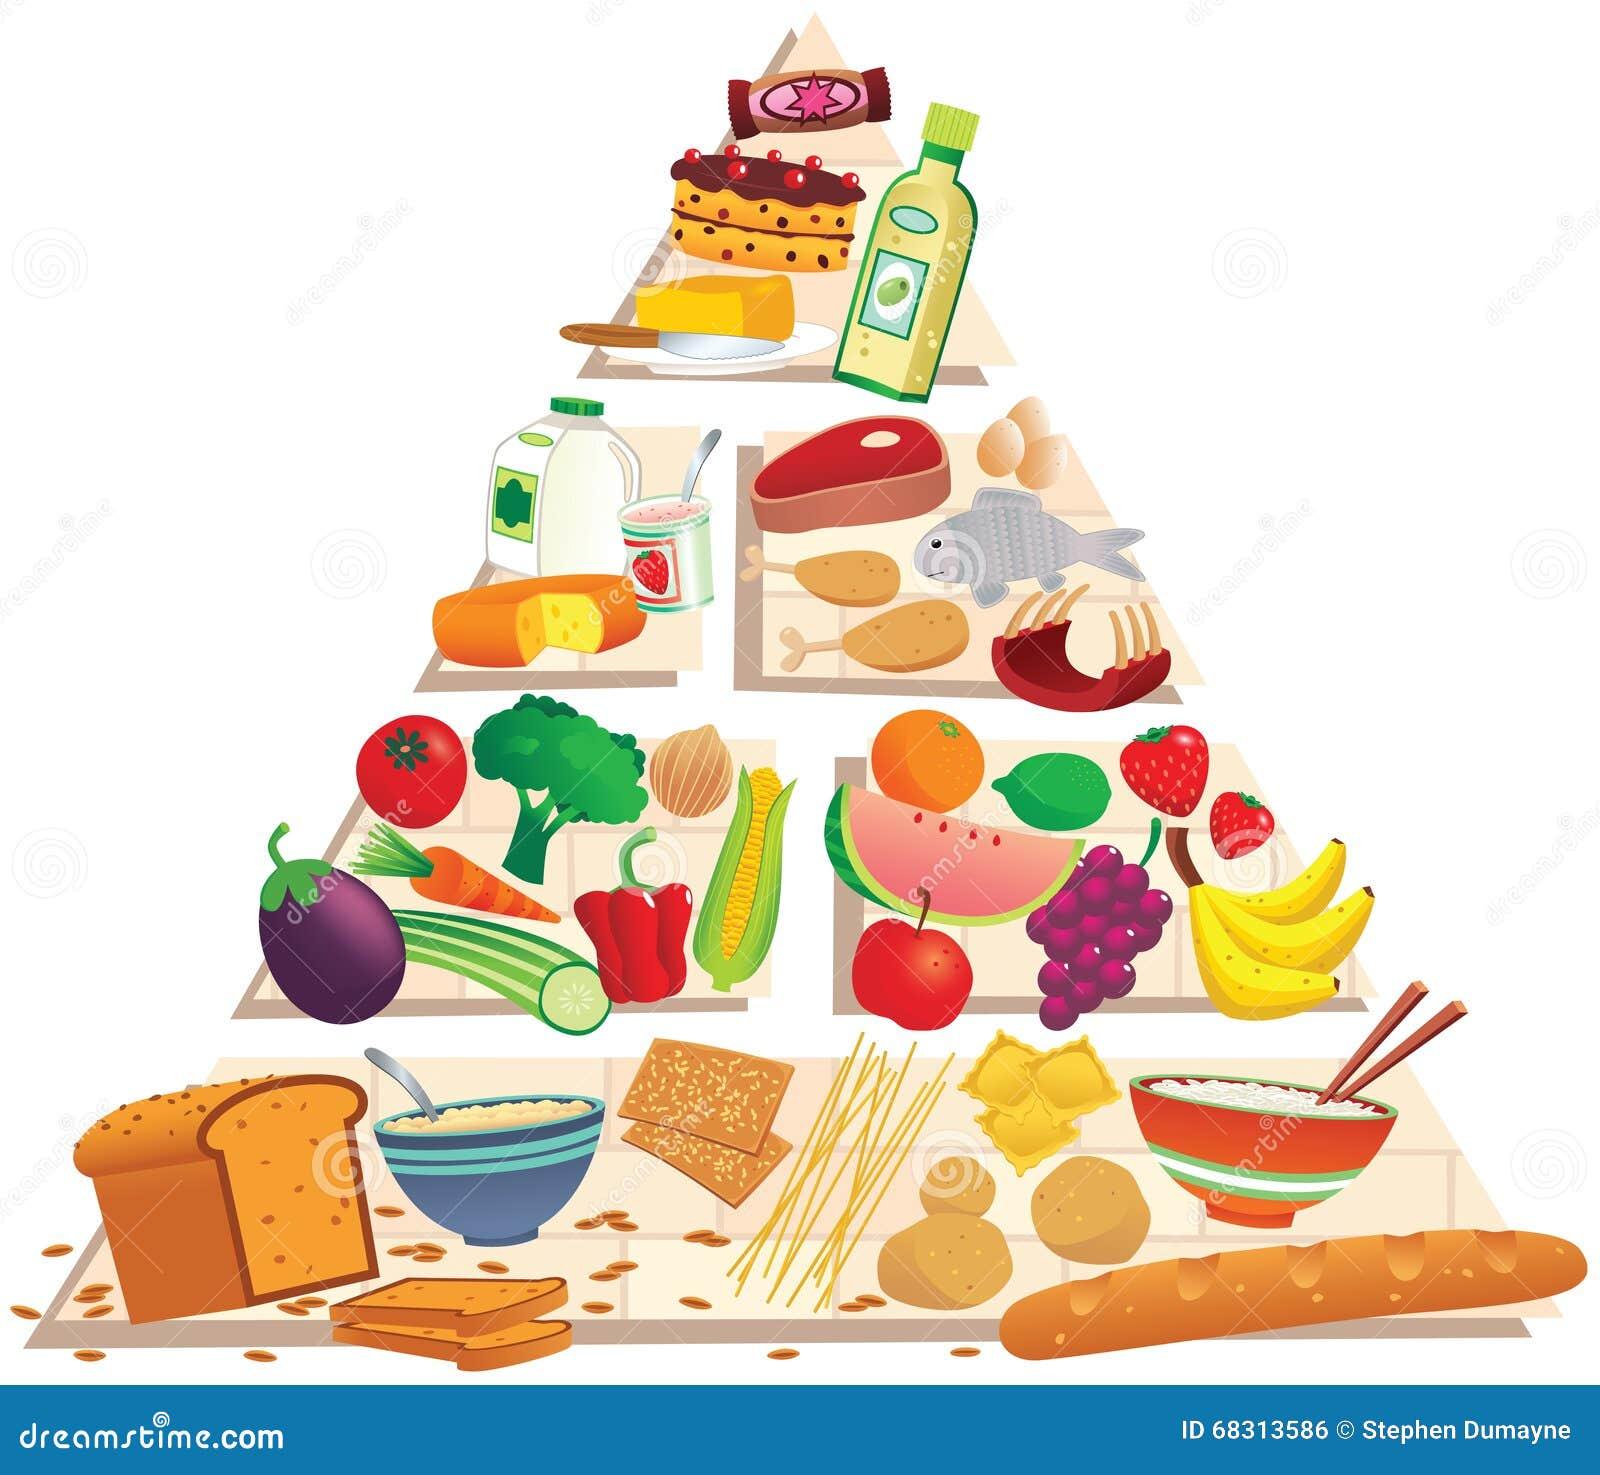 απομονωμένο λευκό λαχανικών πυραμίδων καρυδιών γάλακτος κρέατος τροφίμων τυριών ψωμιού καρπός